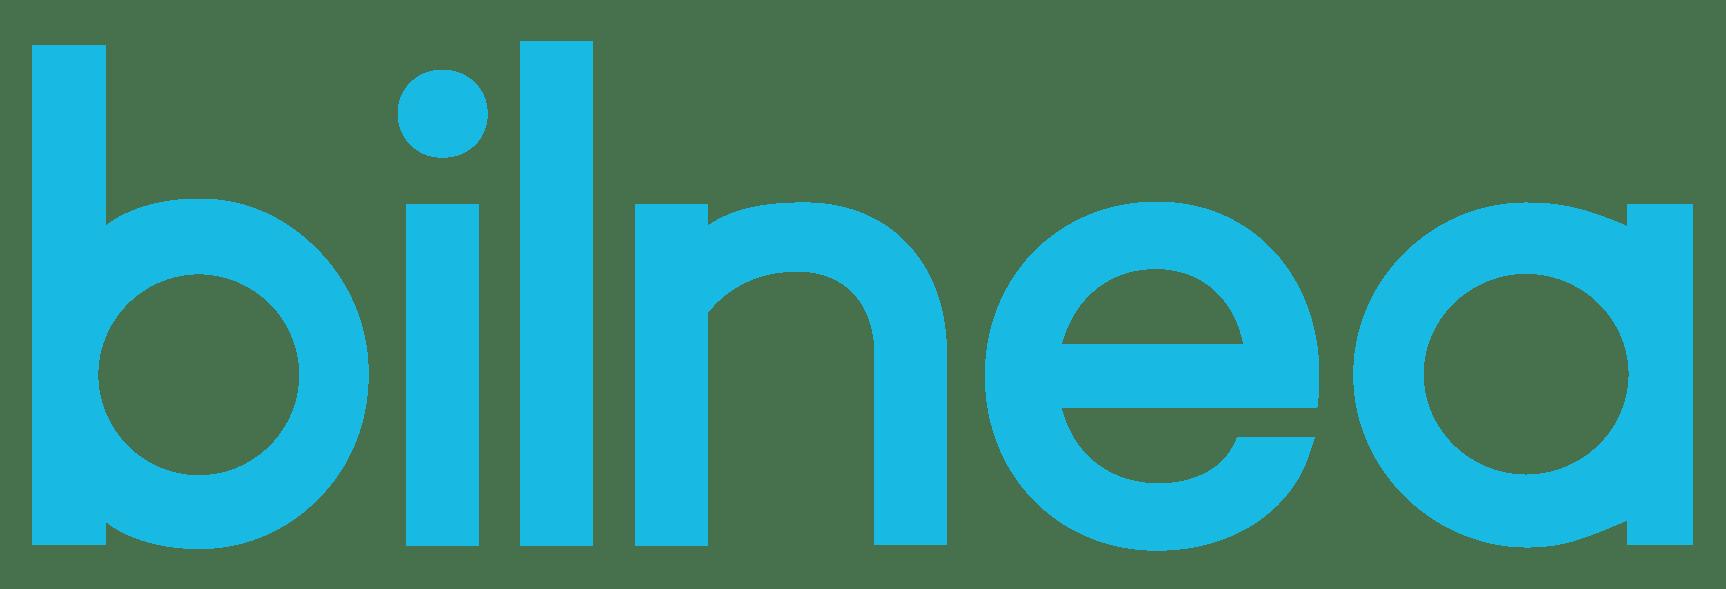 logotipo bilnea